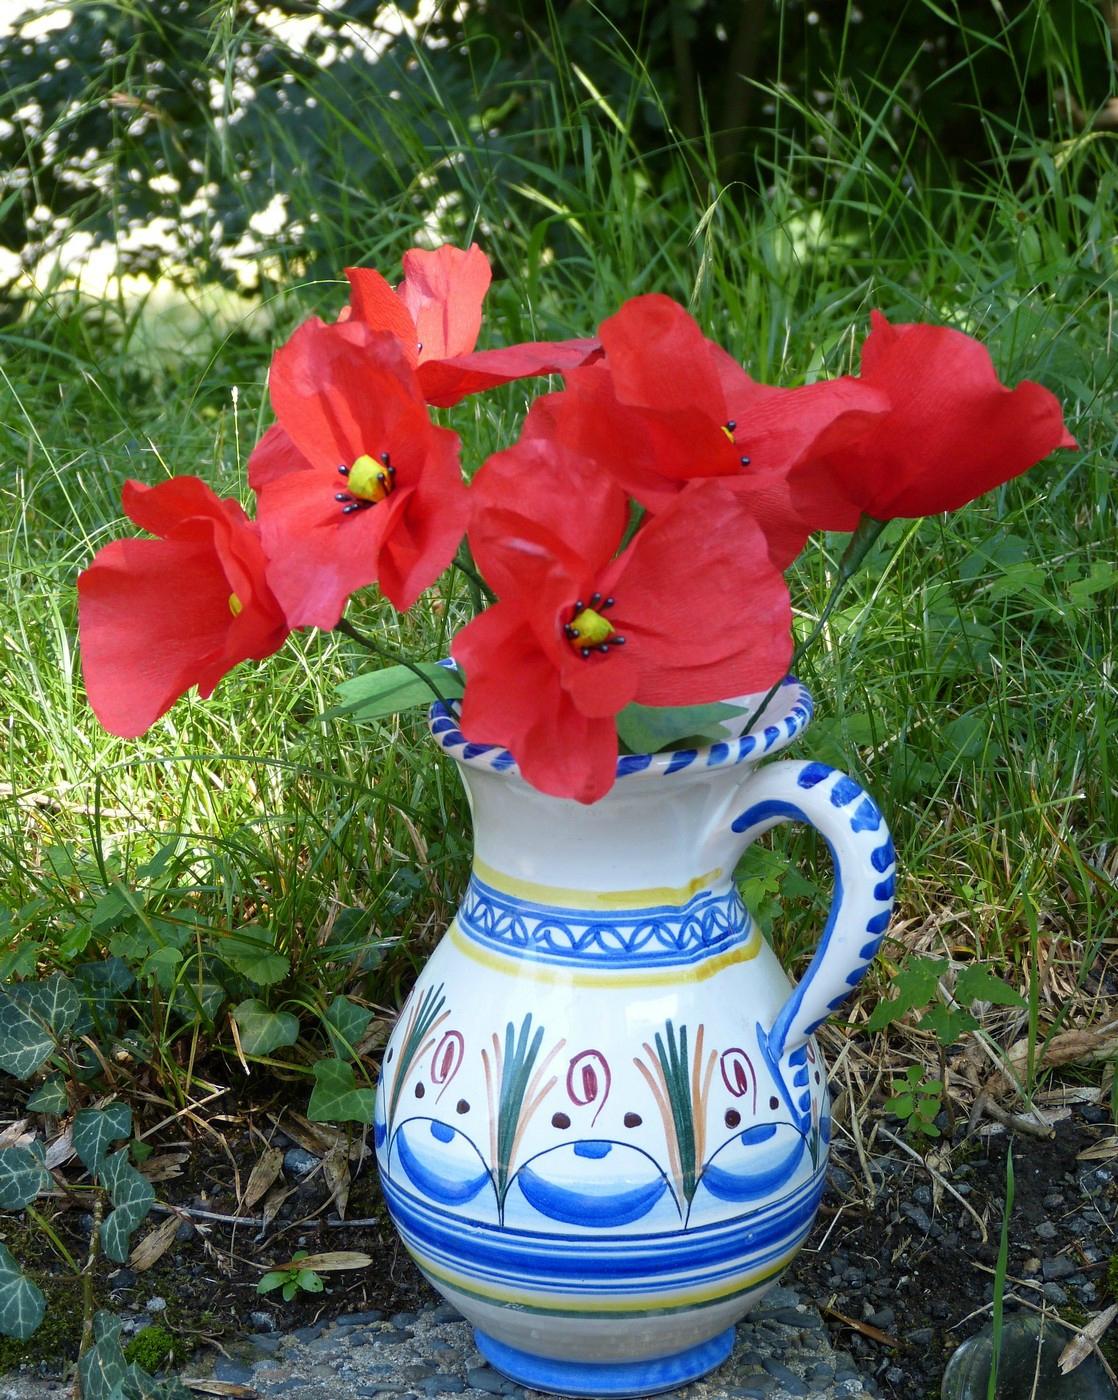 Des fleurs toute l 39 ann e caticoud - Fleurs en jardiniere toute l annee ...